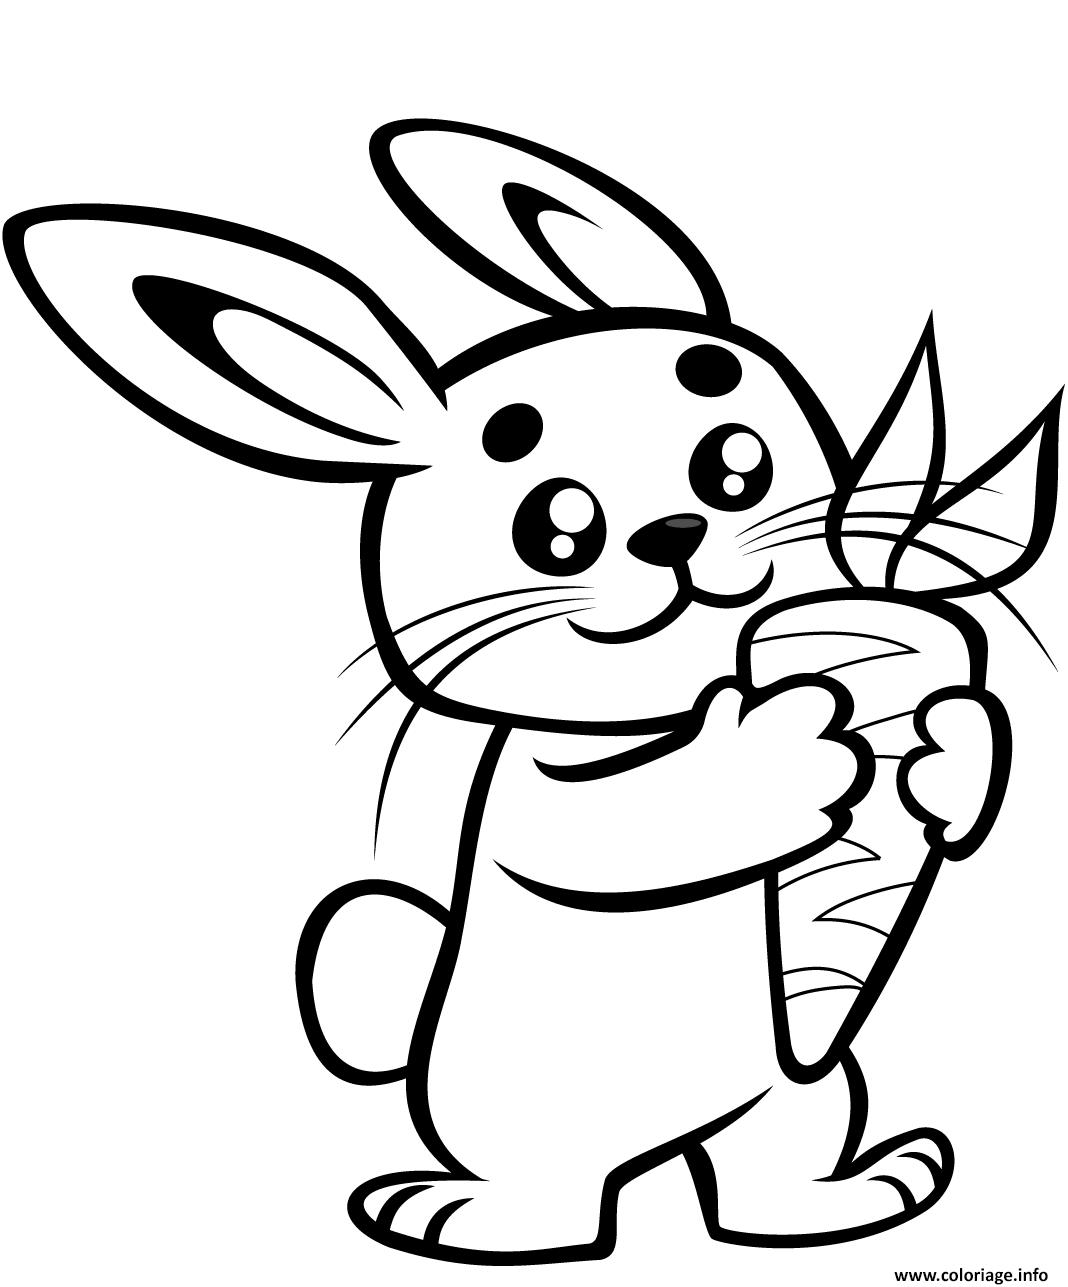 Dessin adorable lapin avec une carotte Coloriage Gratuit à Imprimer